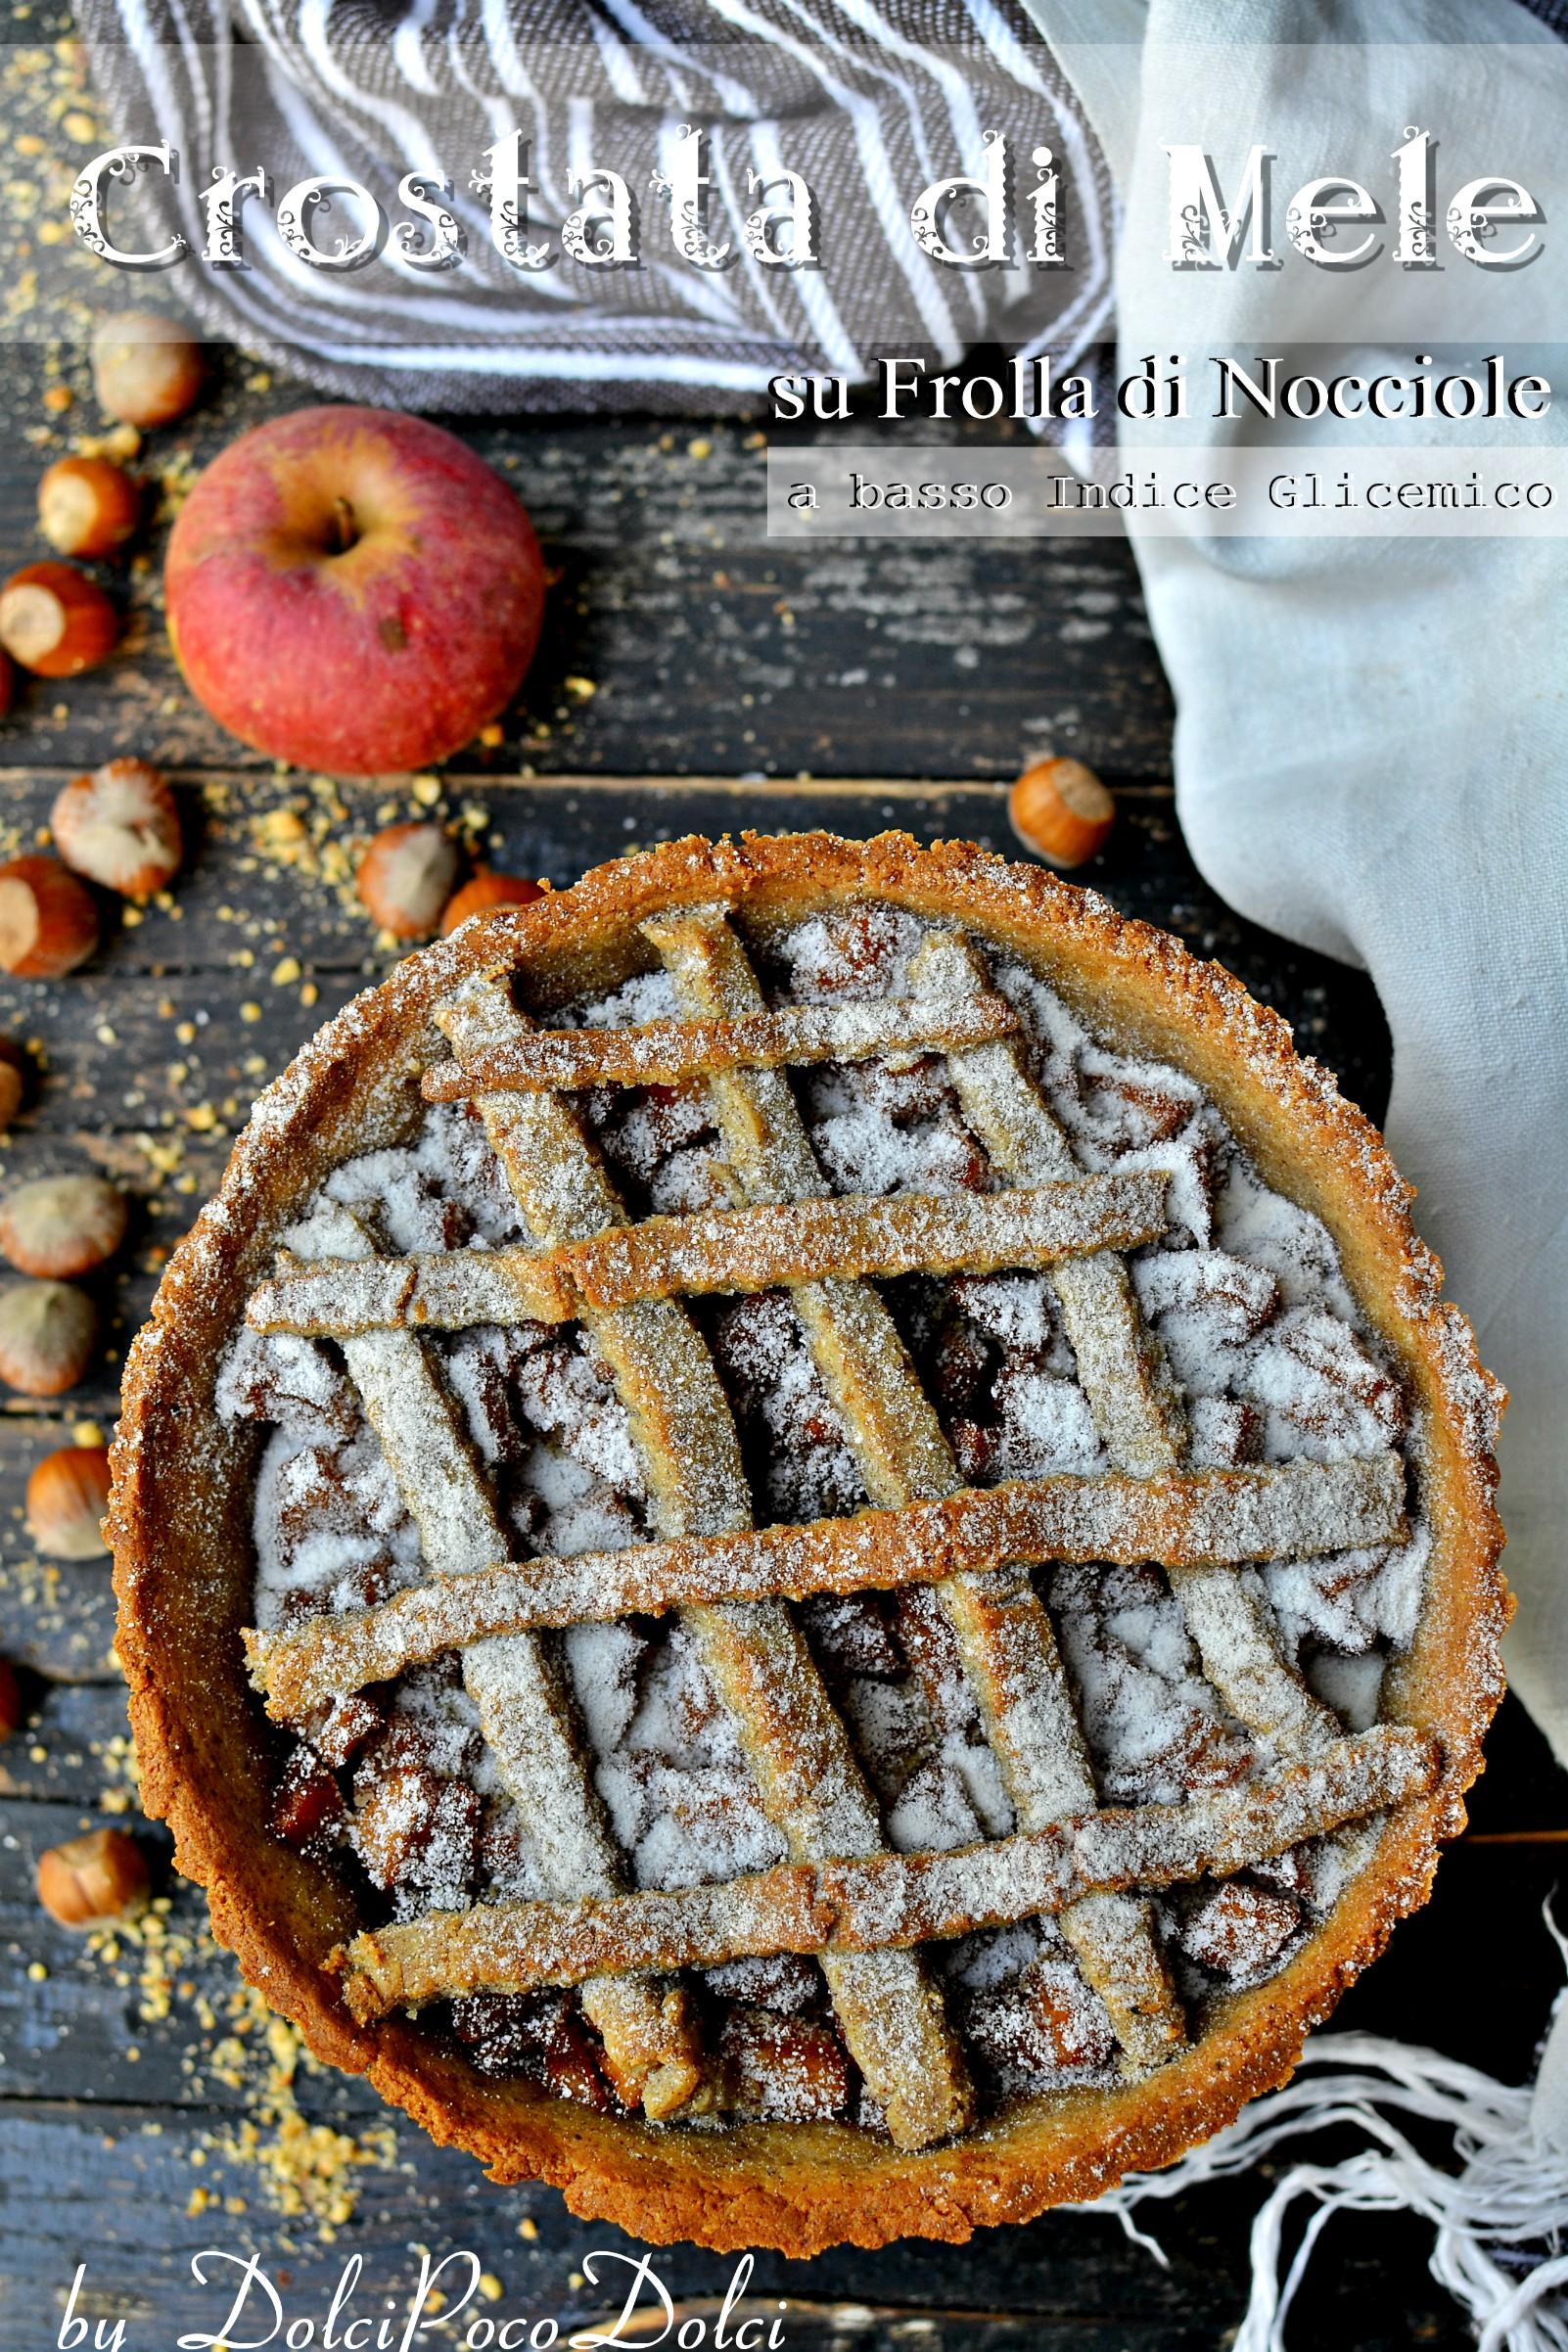 Crostata di mele su frolla di nocciole a basso indice glicemico